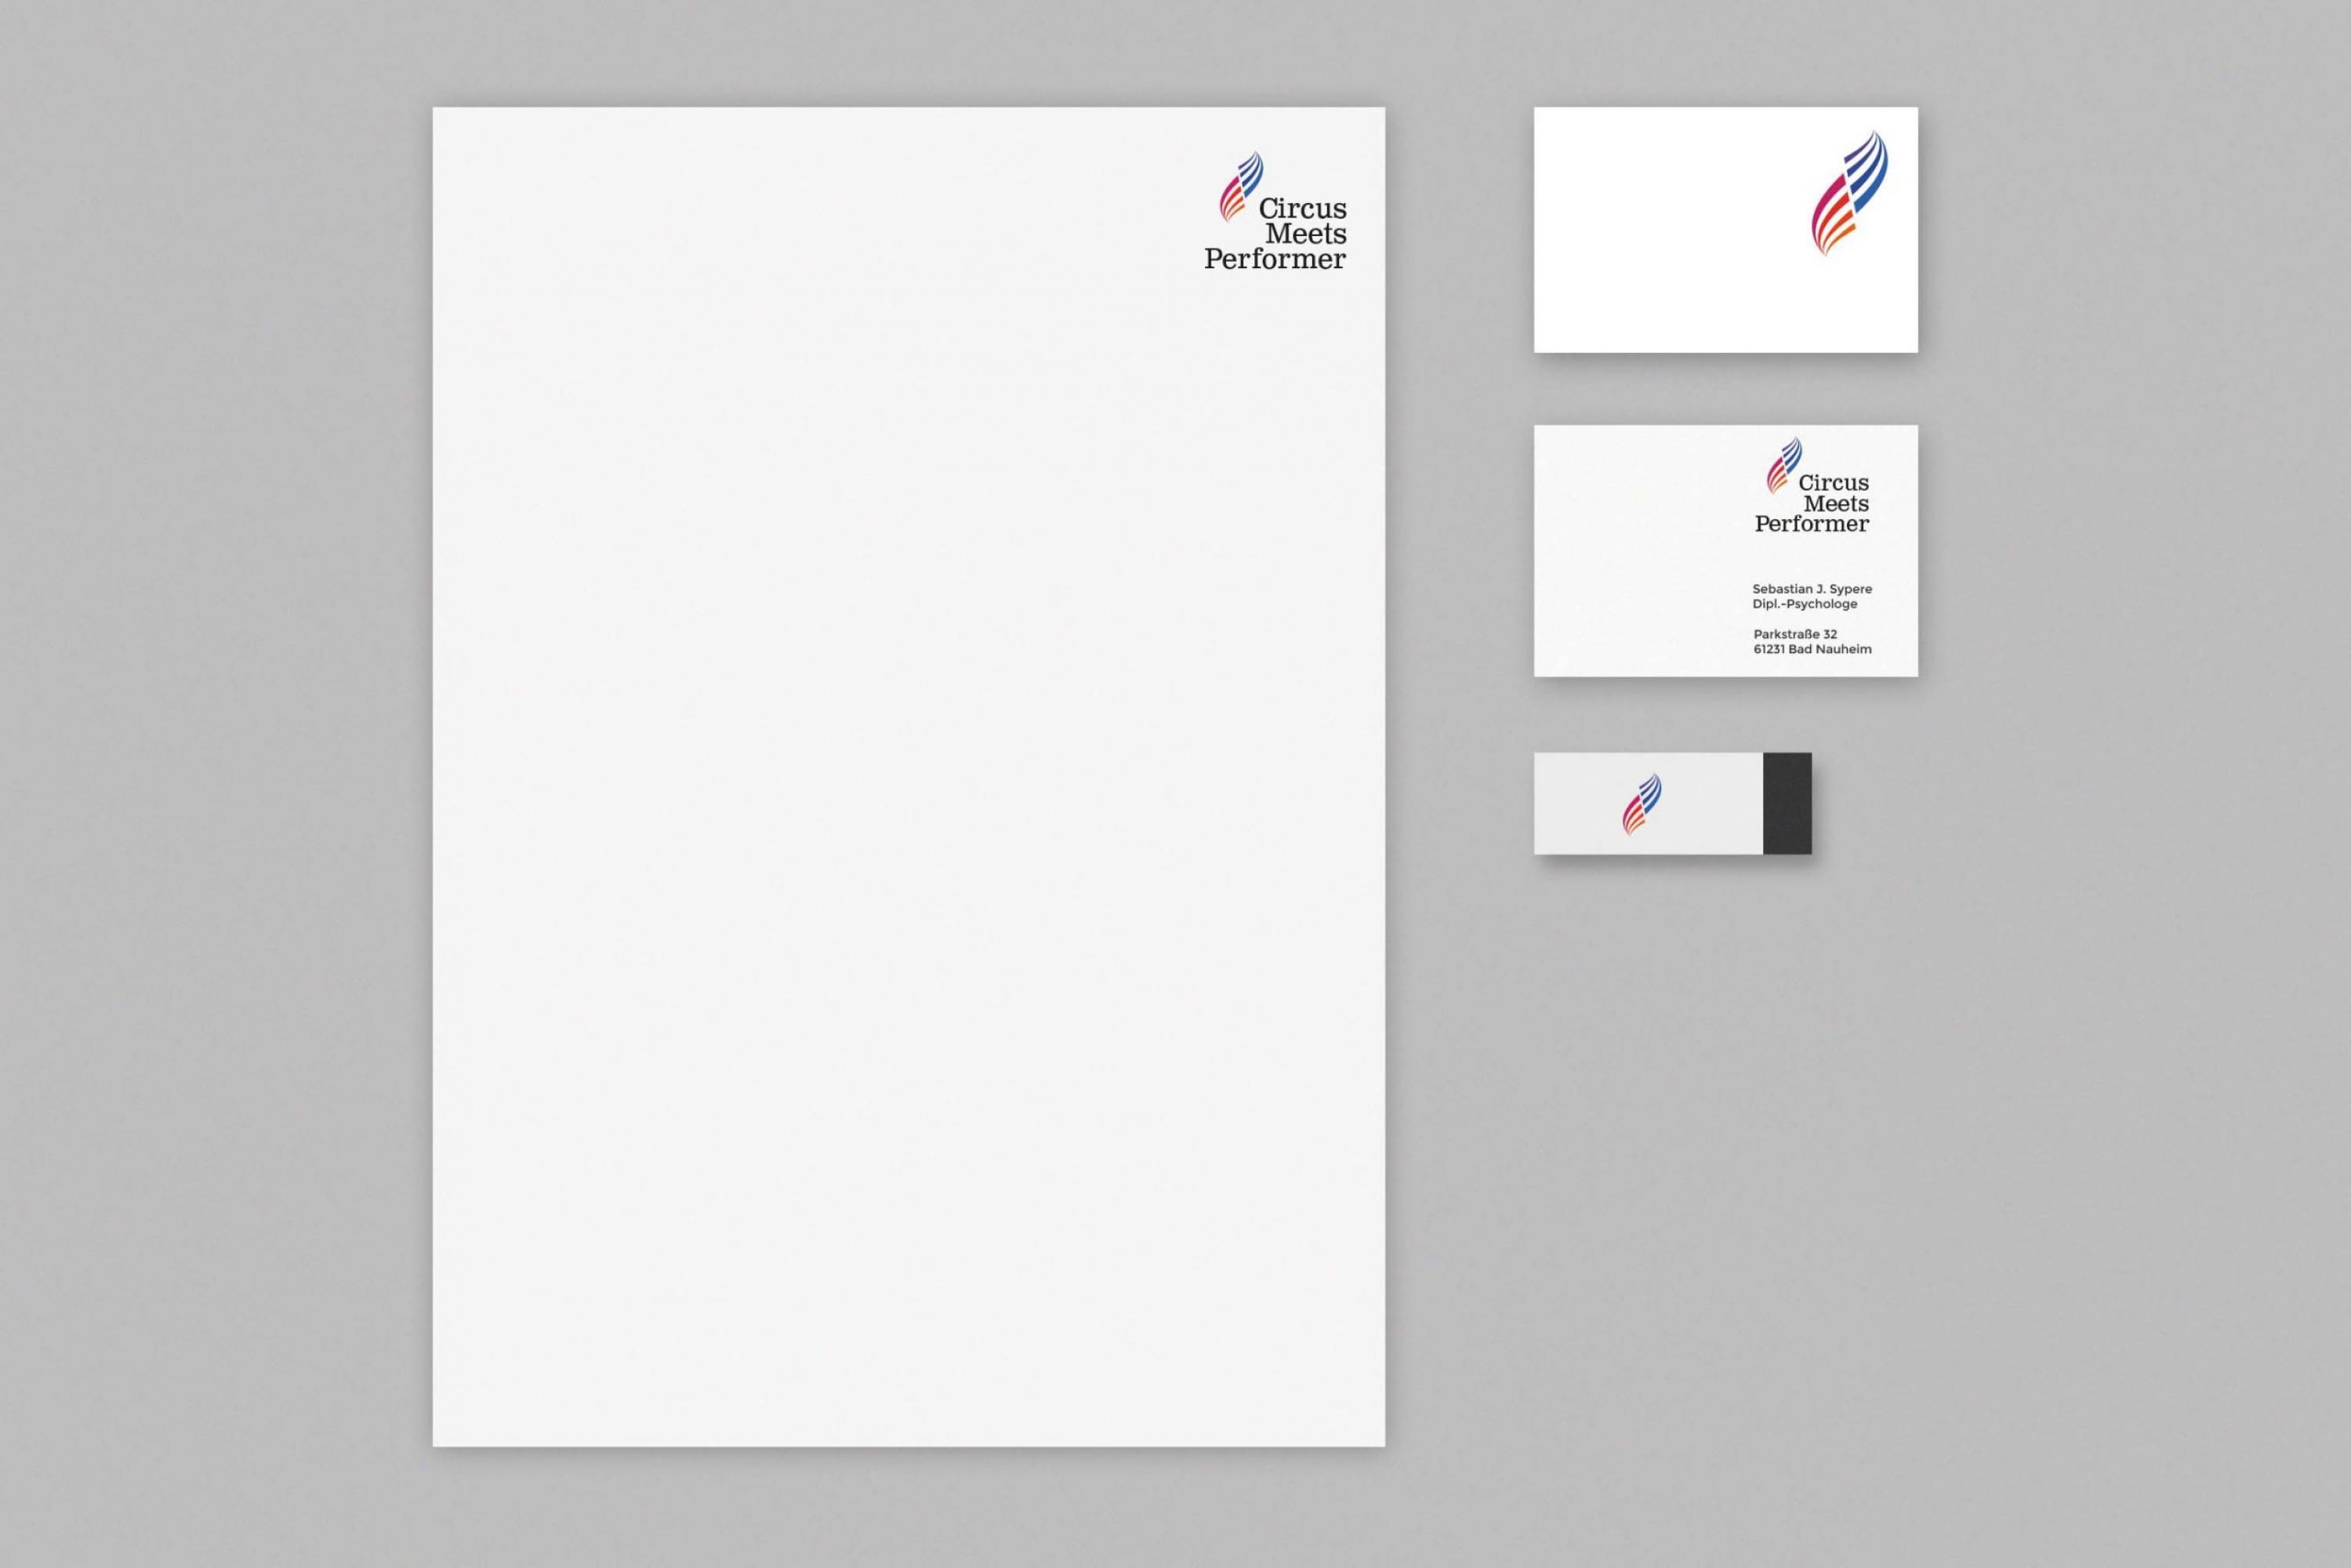 1Corporate-Identity-Künstlerbranche-Briefpapier-Visitenkarte